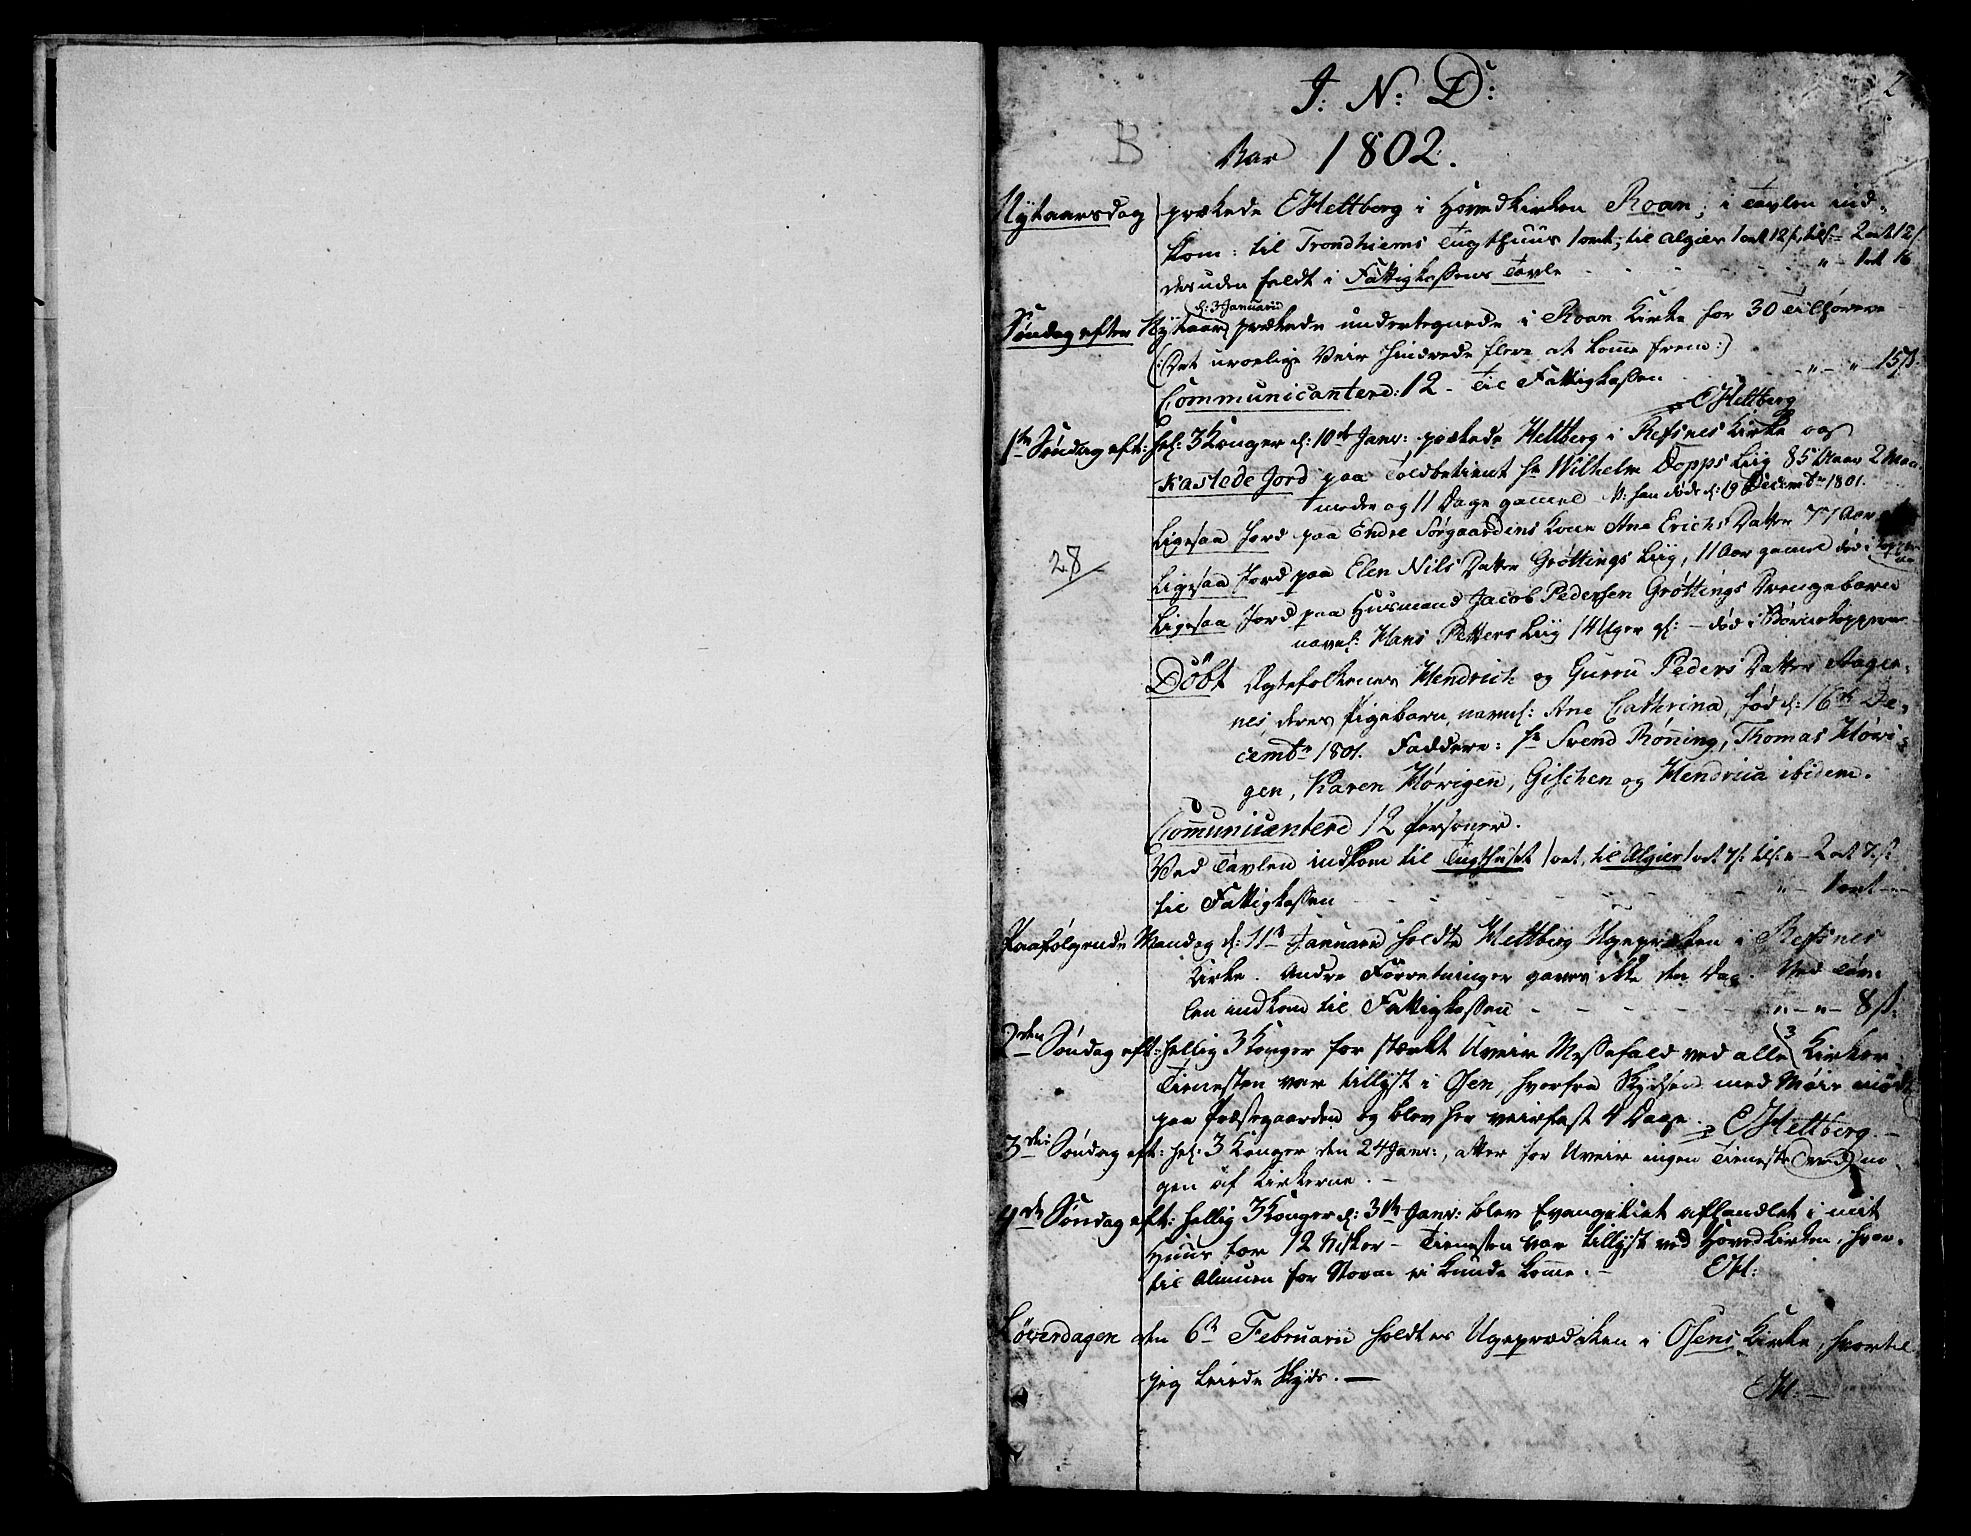 SAT, Ministerialprotokoller, klokkerbøker og fødselsregistre - Sør-Trøndelag, 657/L0701: Ministerialbok nr. 657A02, 1802-1831, s. 1